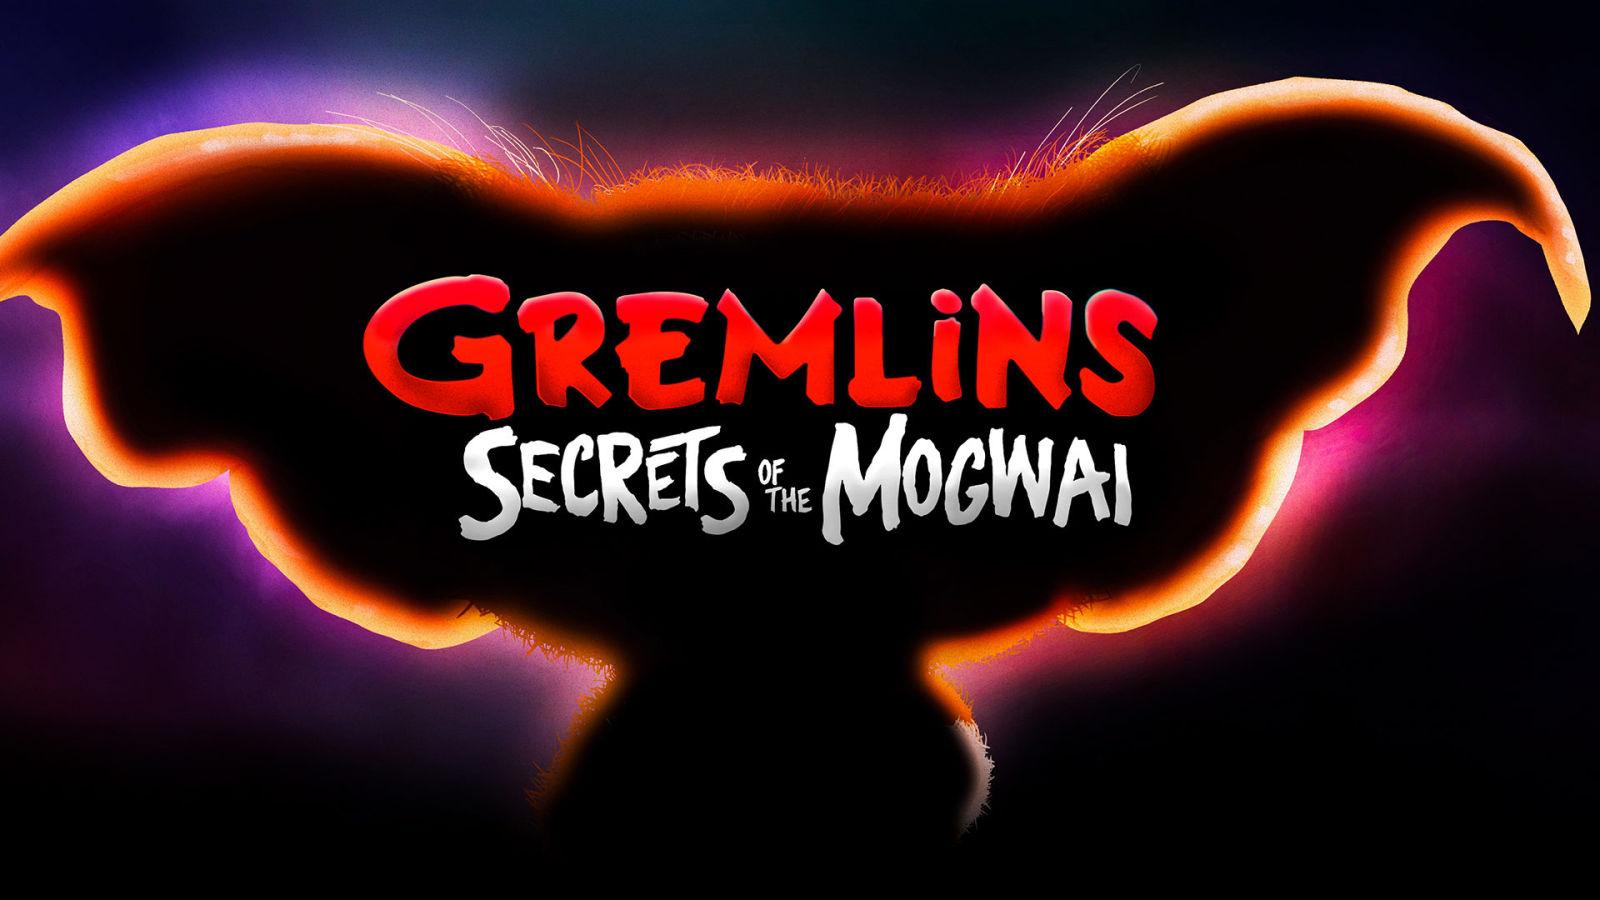 El clásico de cine Gremlins prepara serie precuela animada